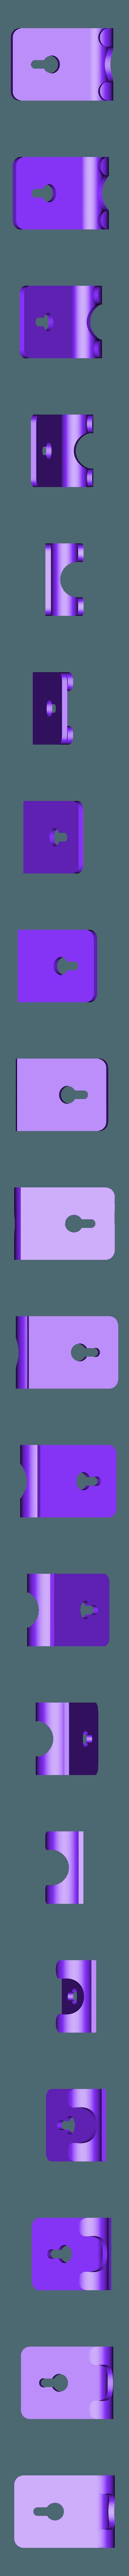 razor_holder.stl Télécharger fichier STL gratuit Support de rasoir • Design imprimable en 3D, Arostro